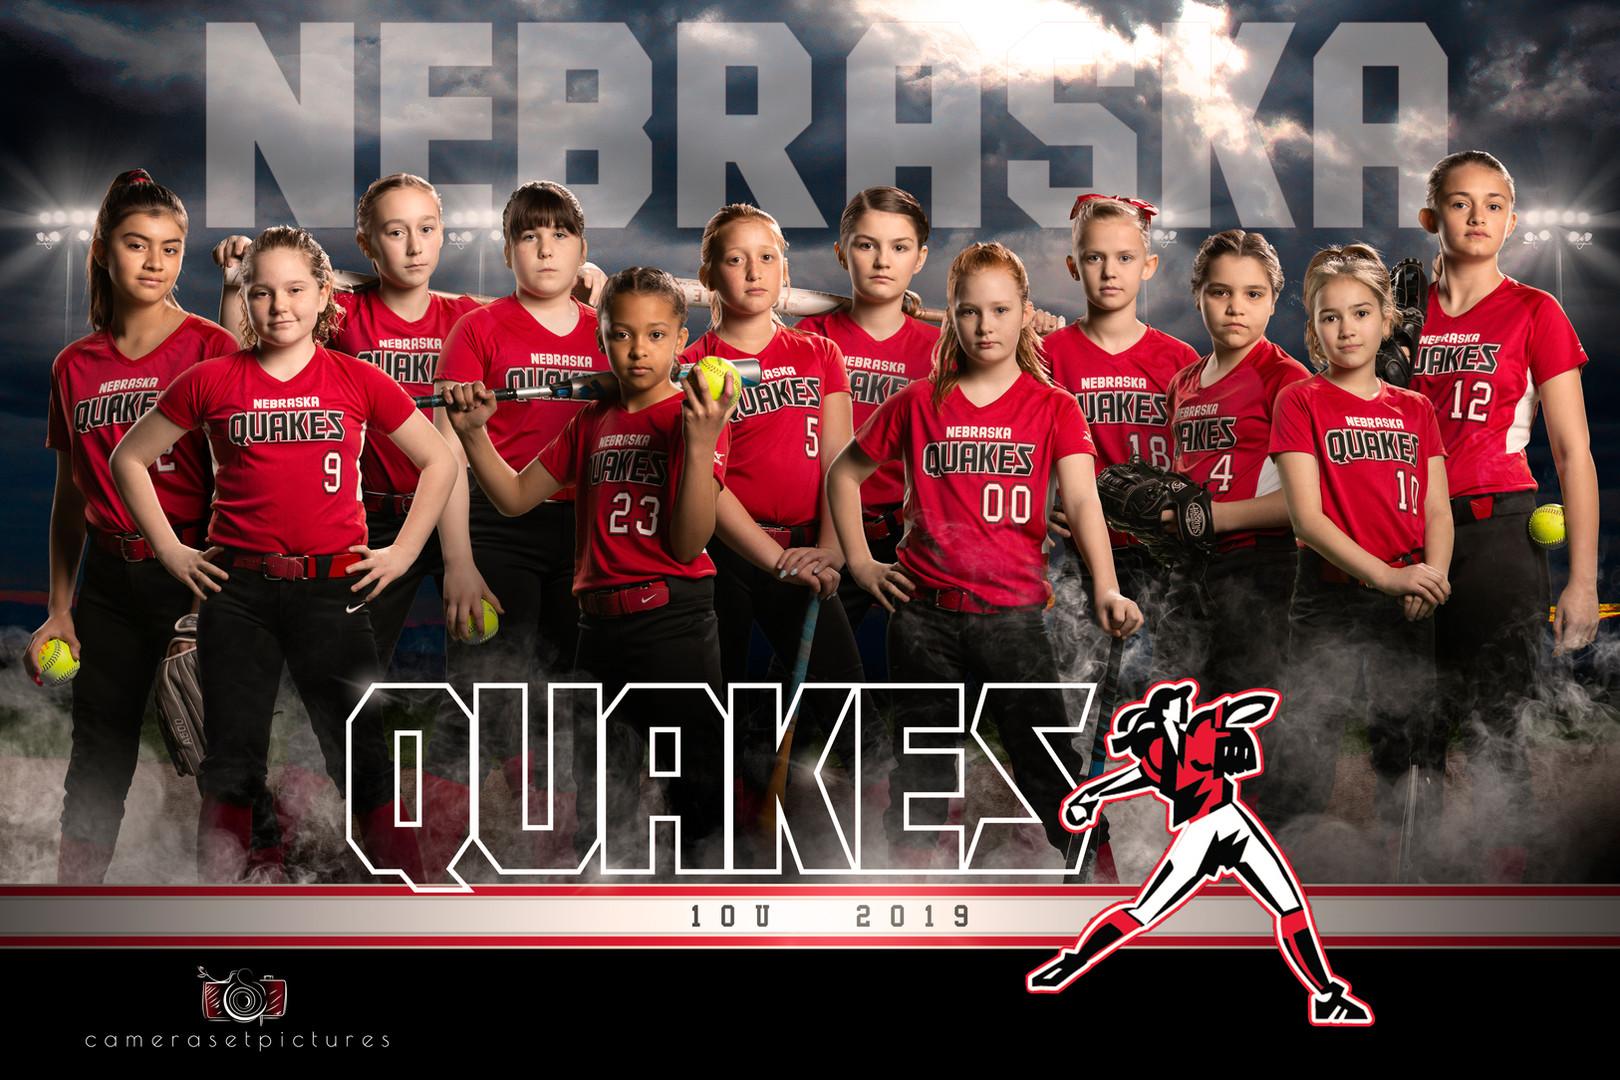 Nebraska Quakes